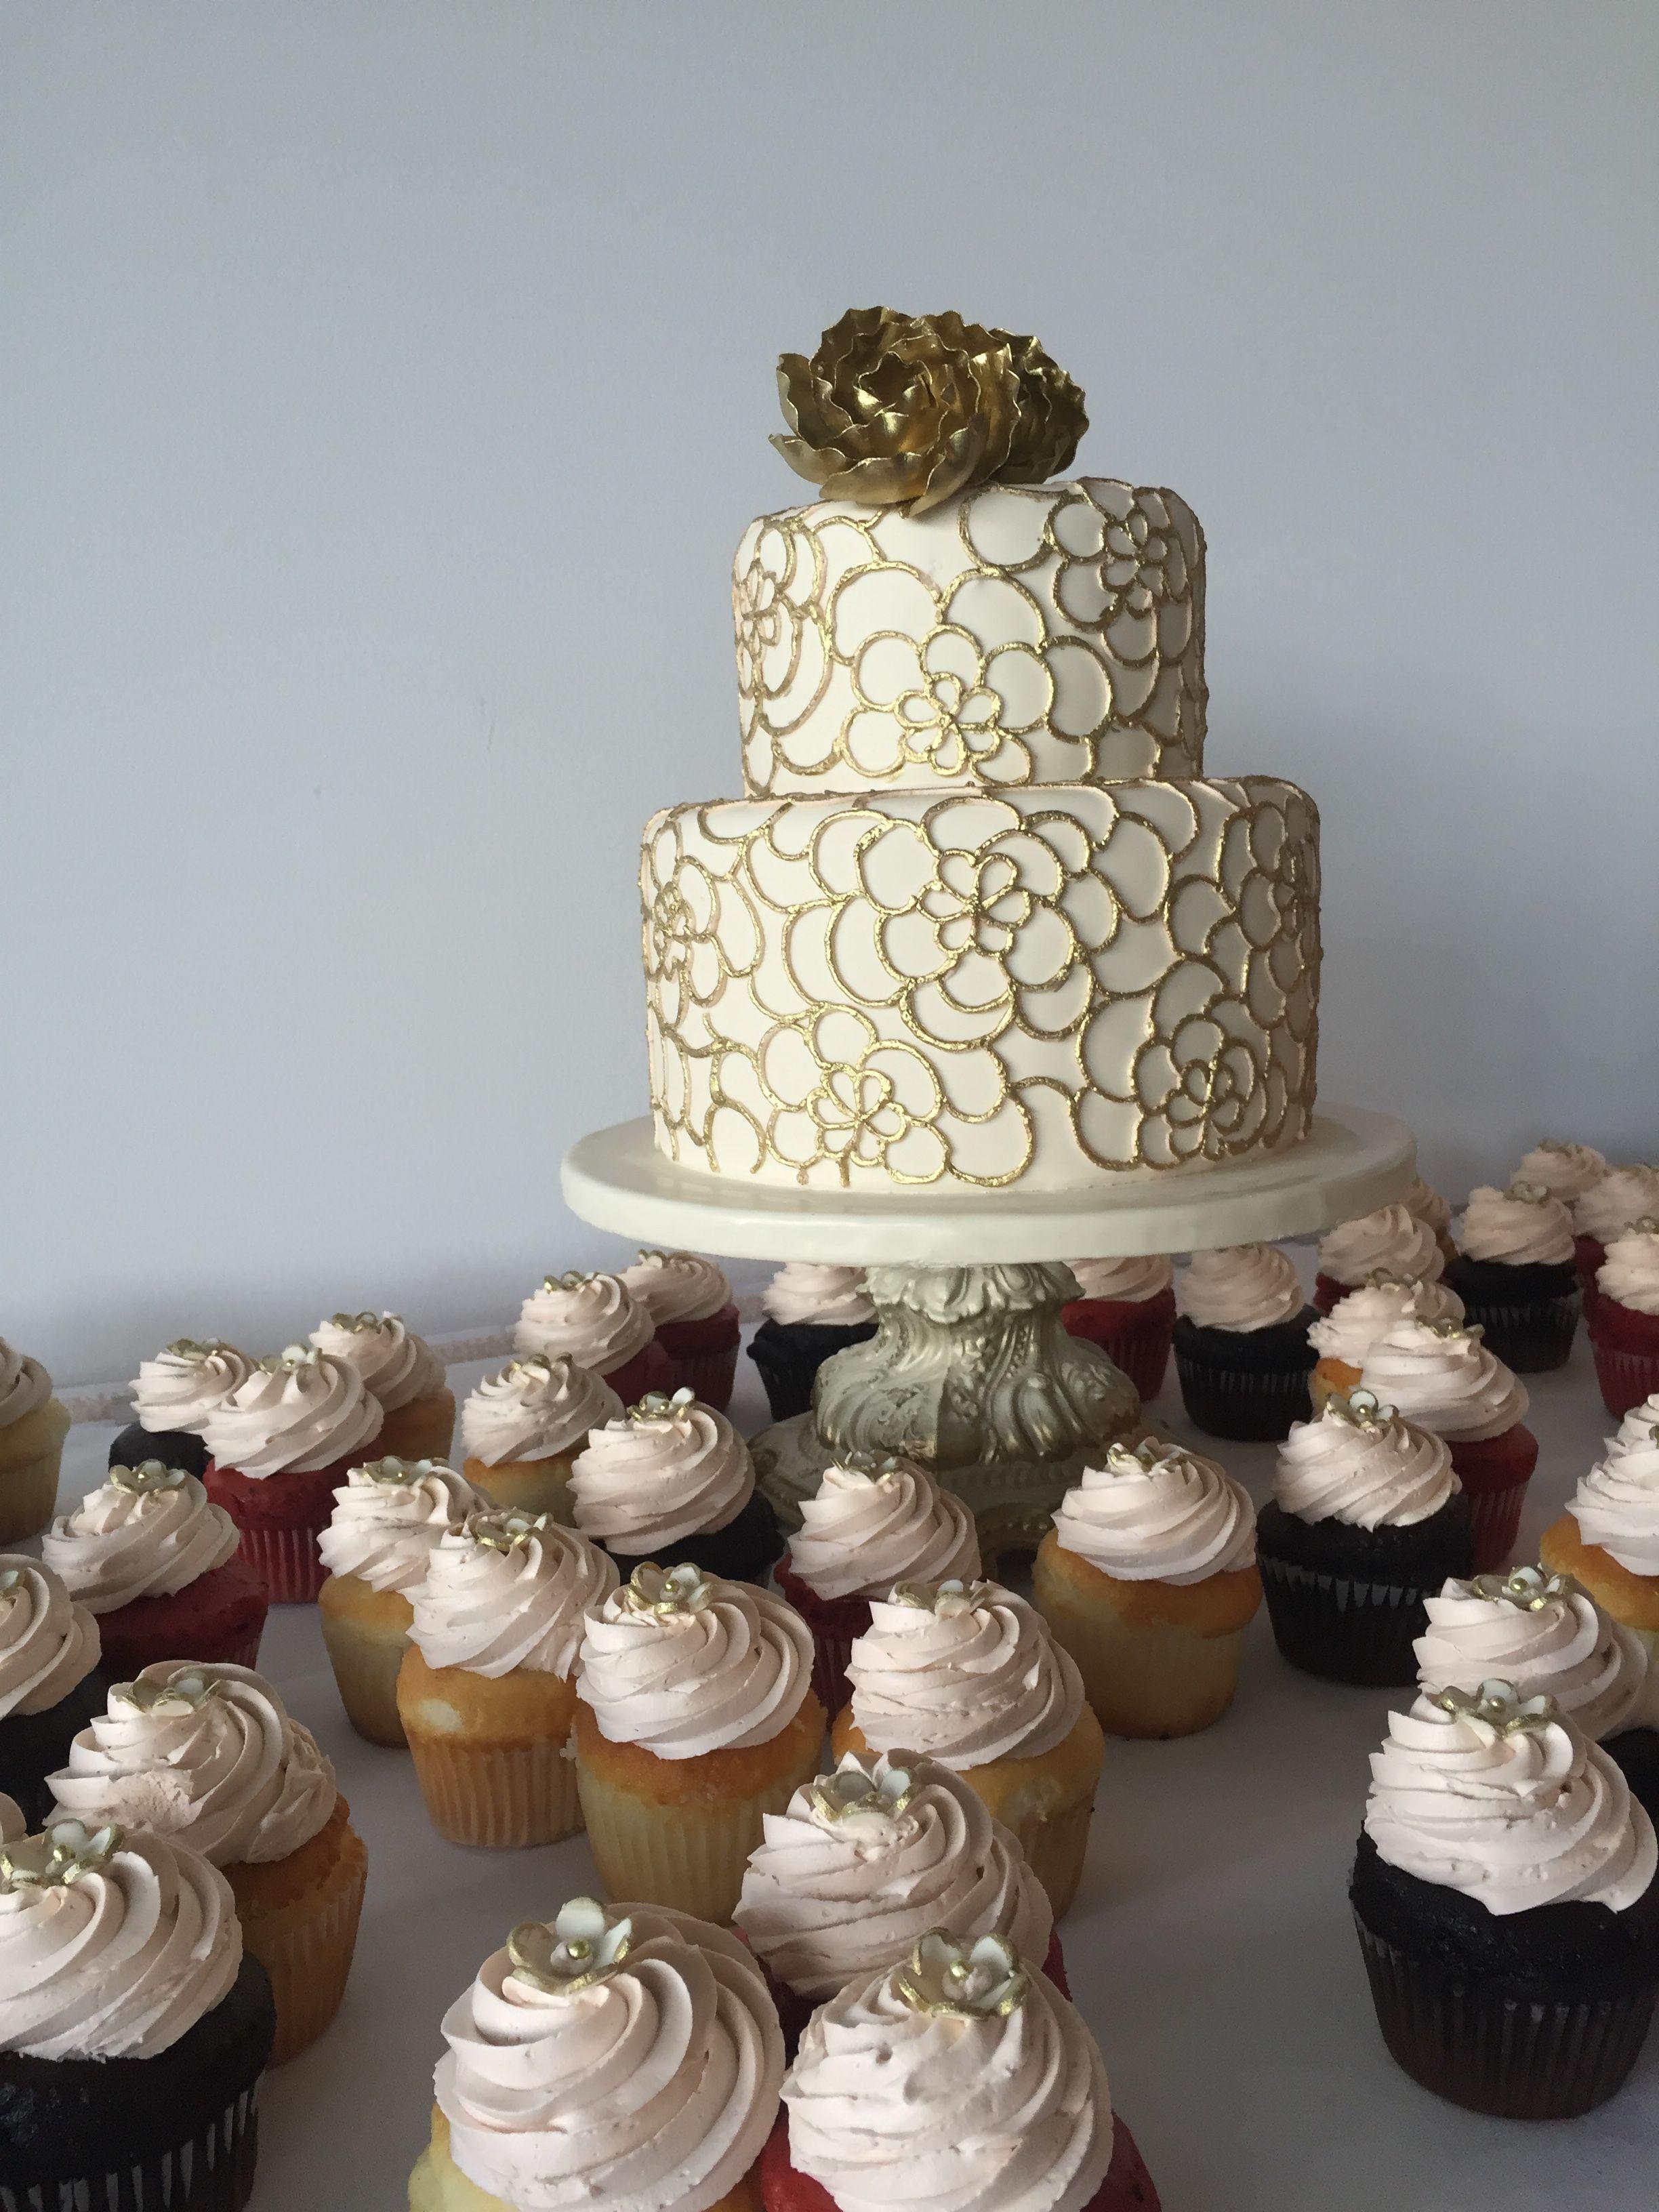 Gold Rose Cake & CupCakes Cake, Cake shop, Rose cake